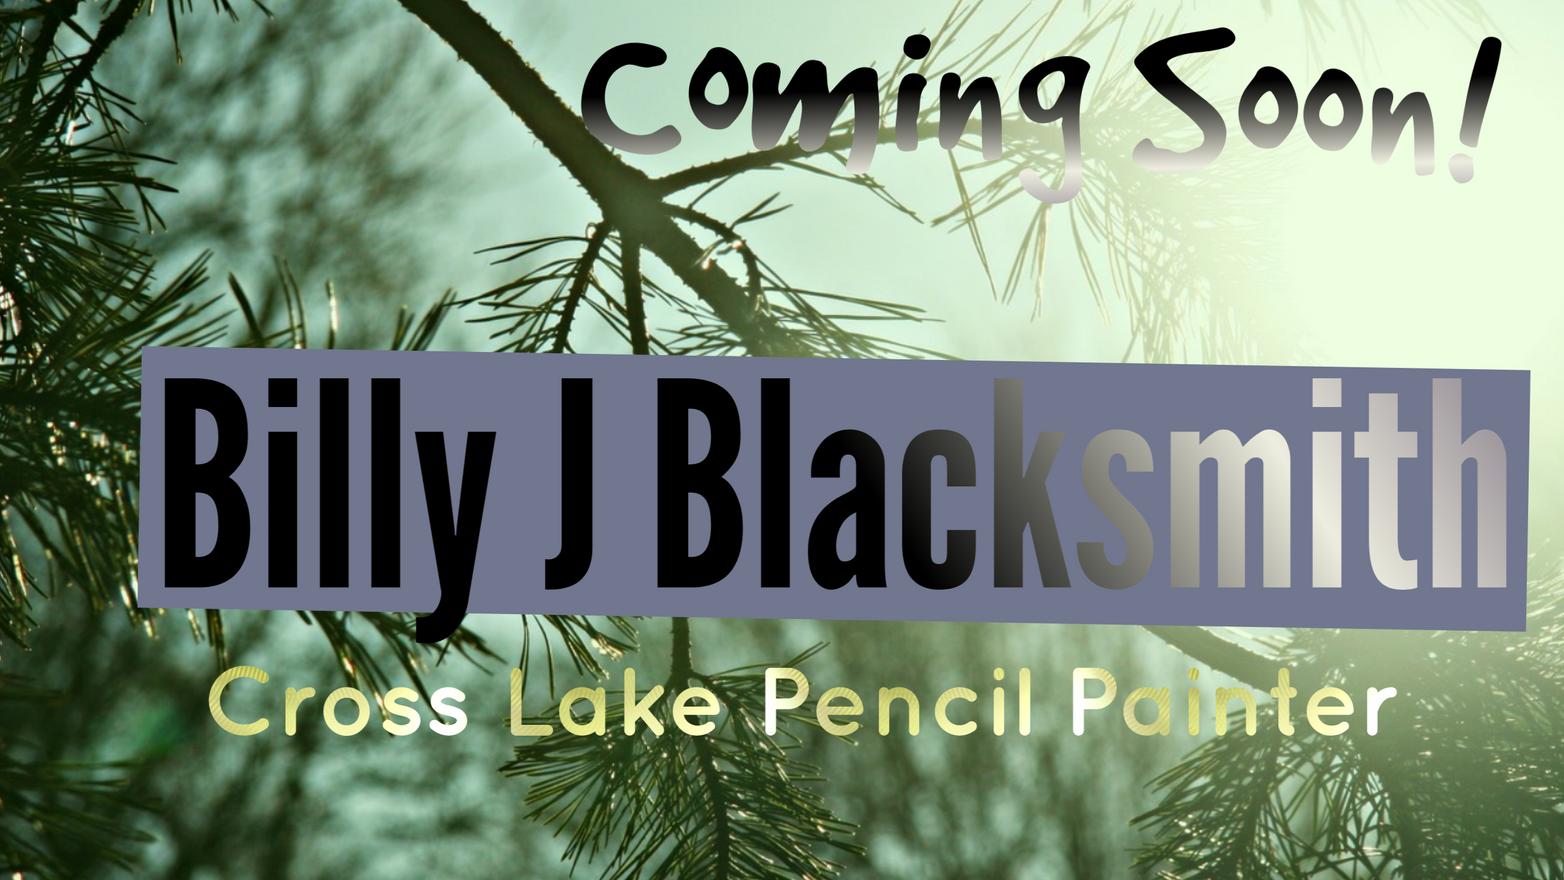 Billy J Blacksmith